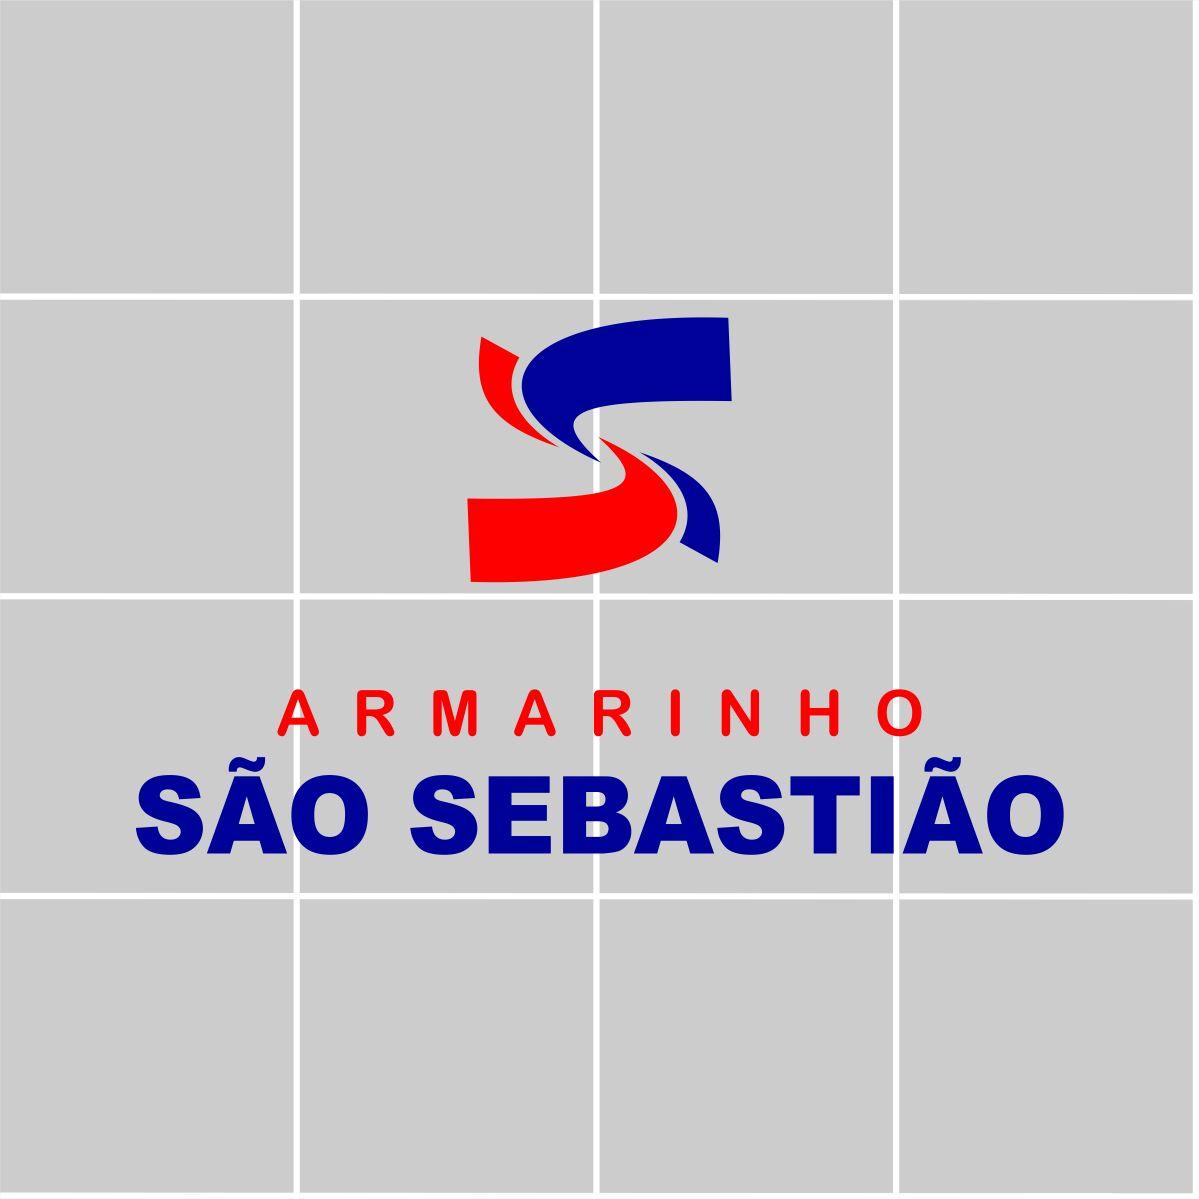 Armarinho São Sebastião